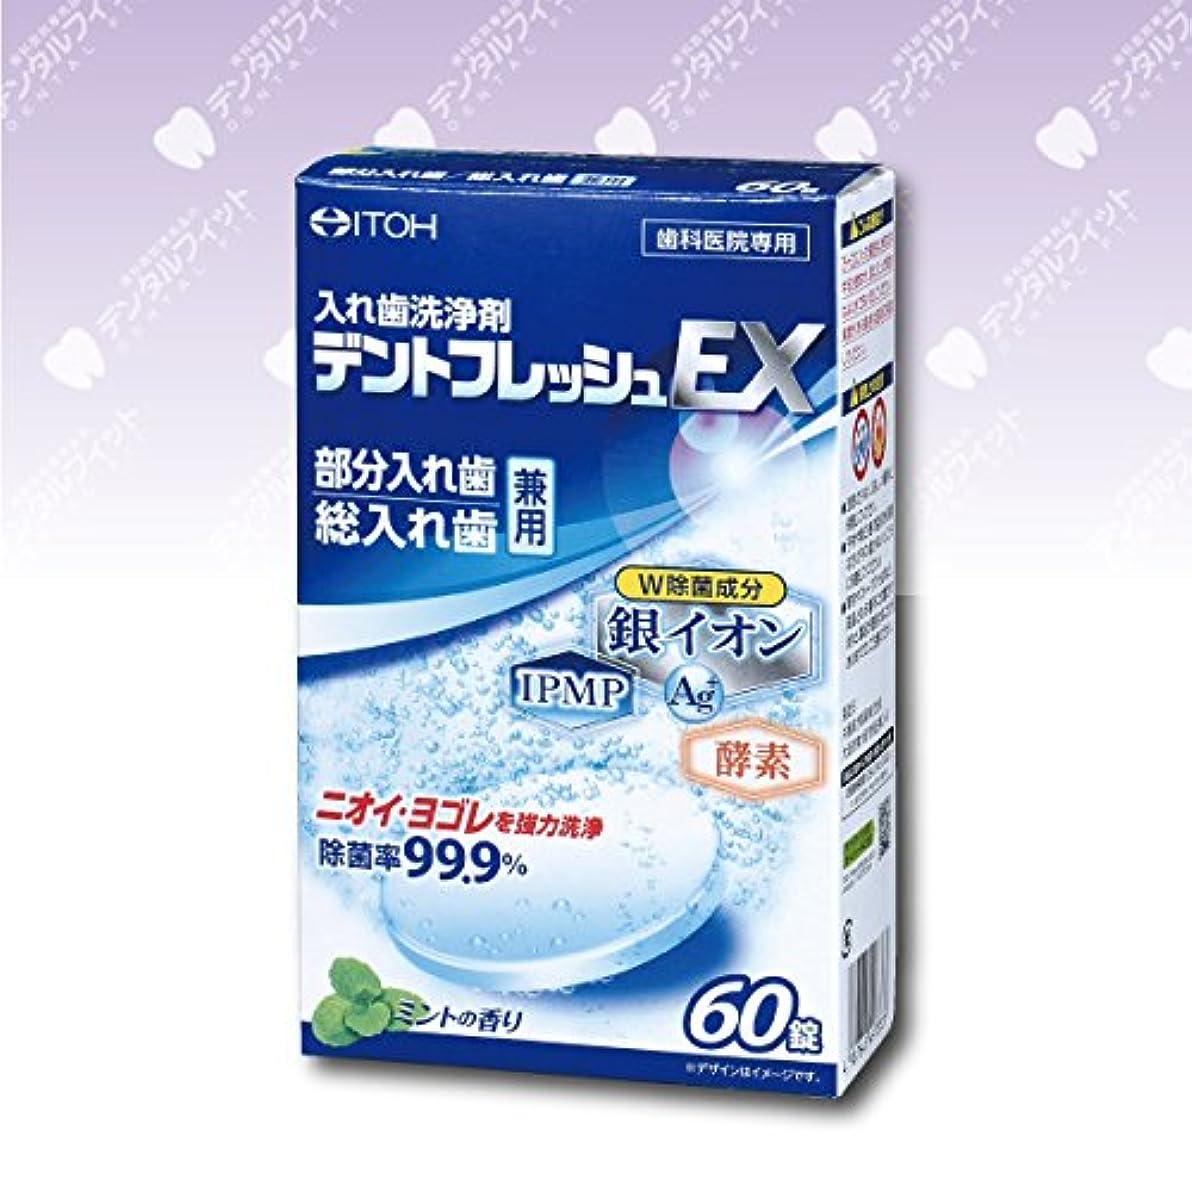 パーク文化受粉する入れ歯洗浄剤 デントフレッシュEX 1箱(60錠)